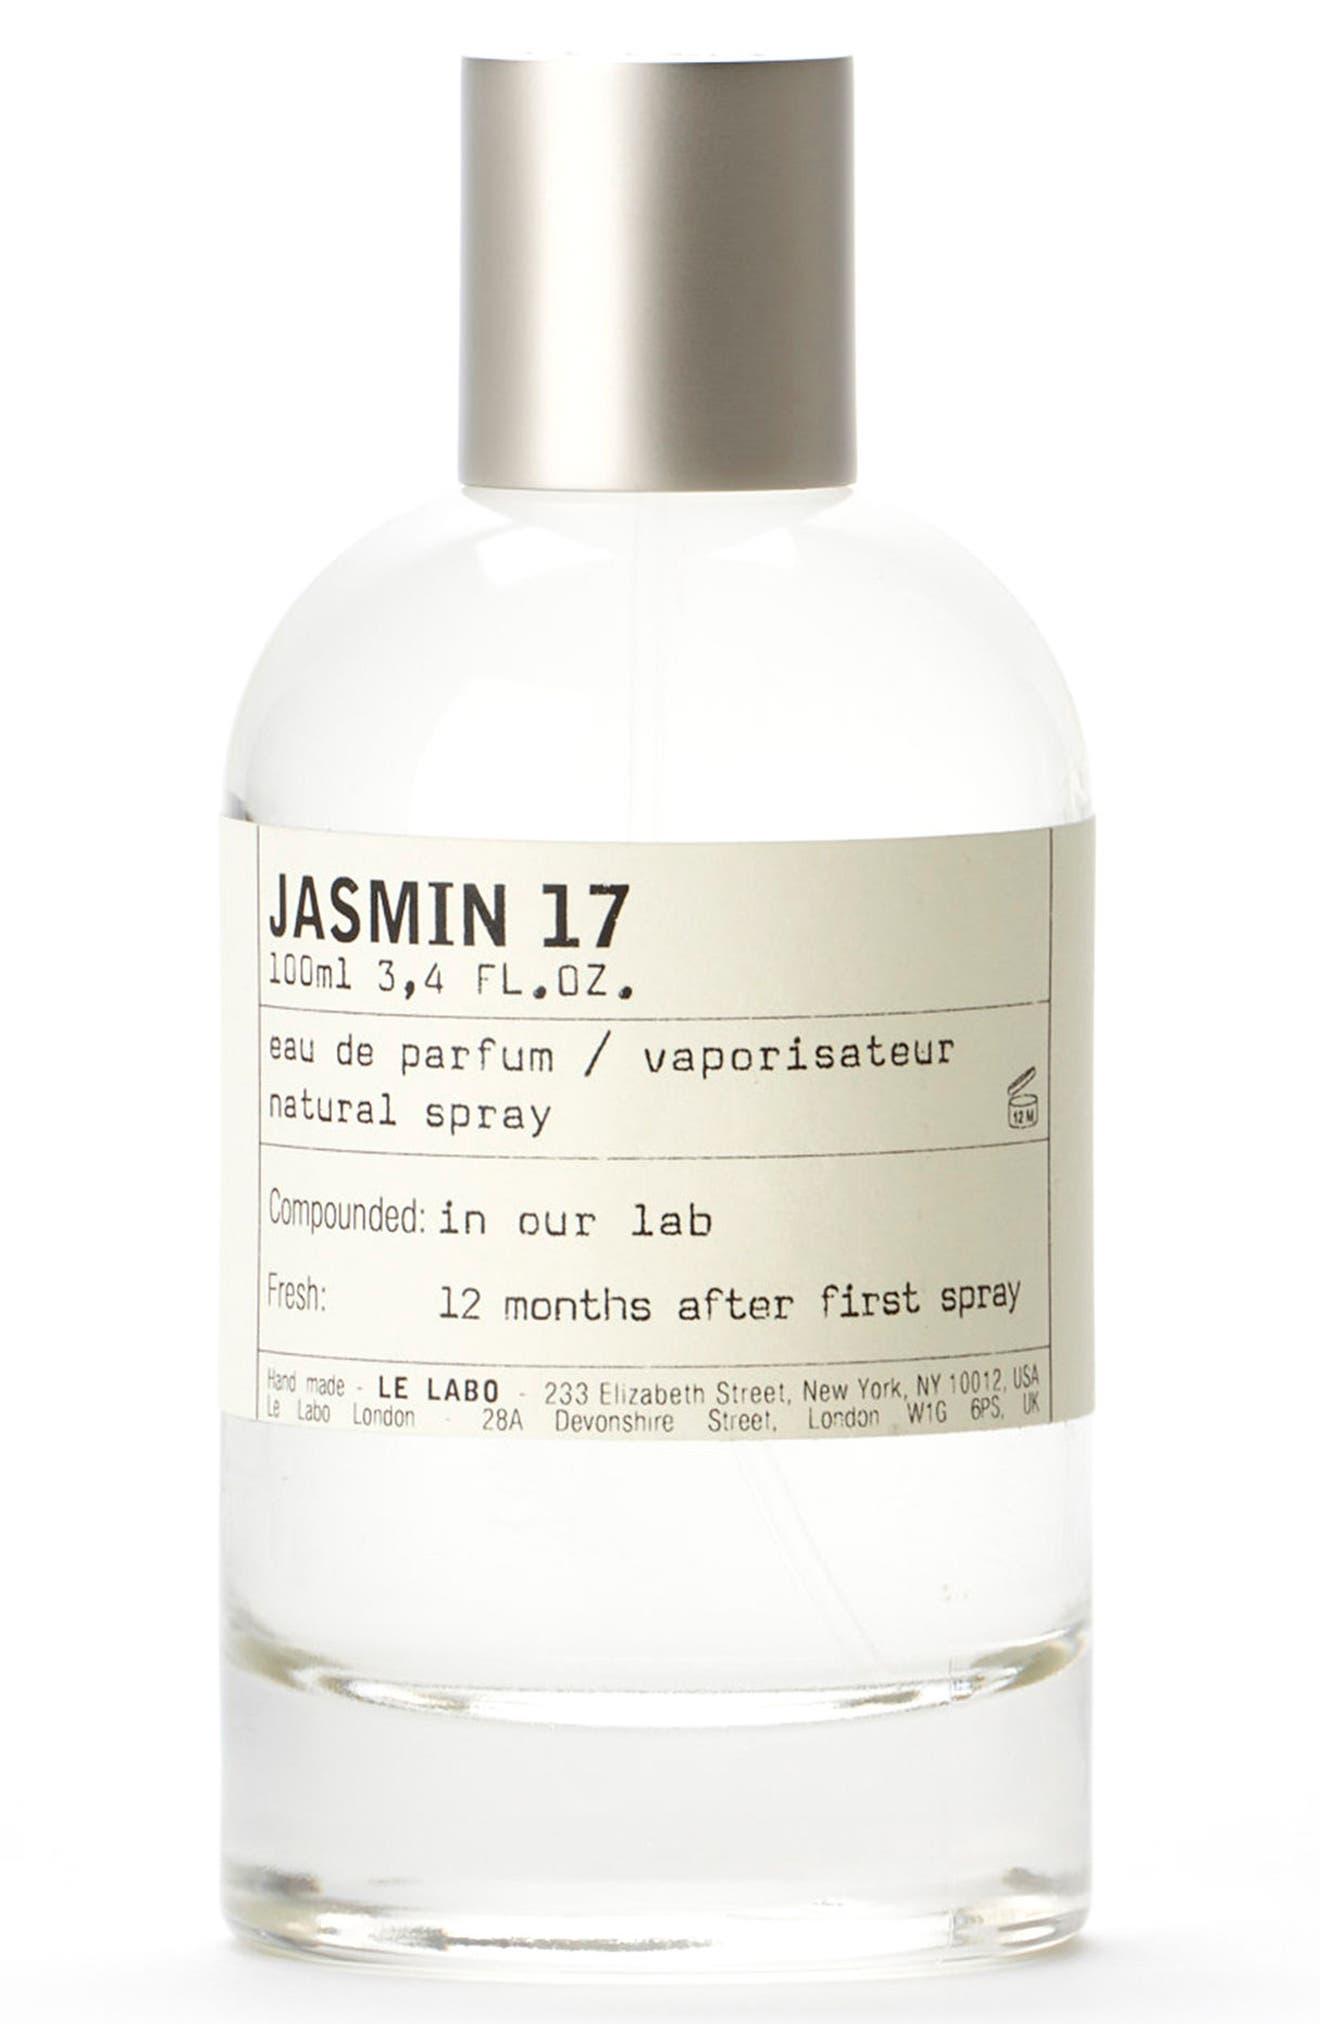 Le Labo 'Jasmin 17' Eau de Parfum